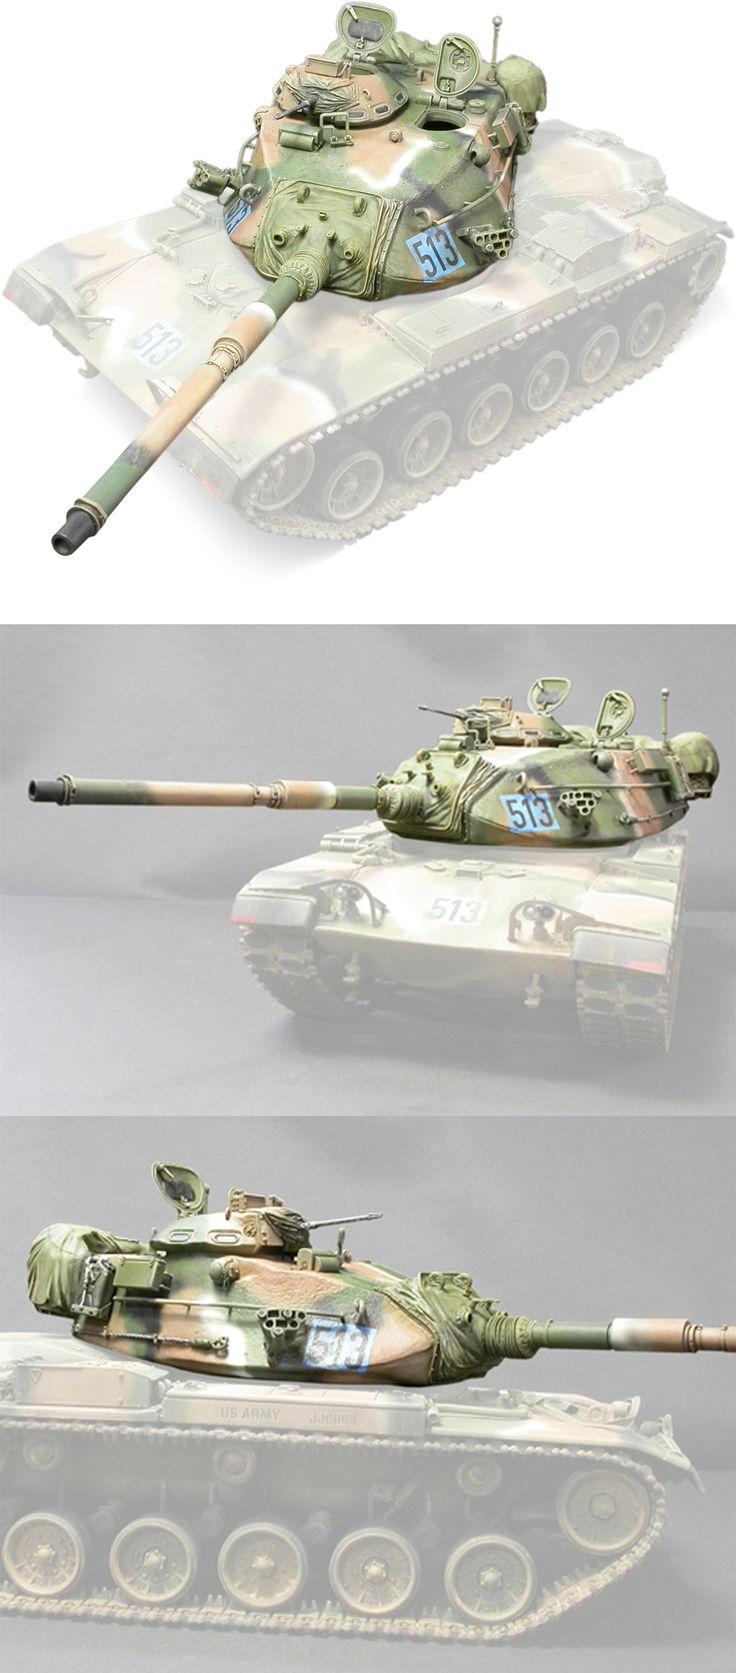 1/35 resincast model U.S. M60A1/M60A3 Turret (for Academy, Tamiya, ESCI)